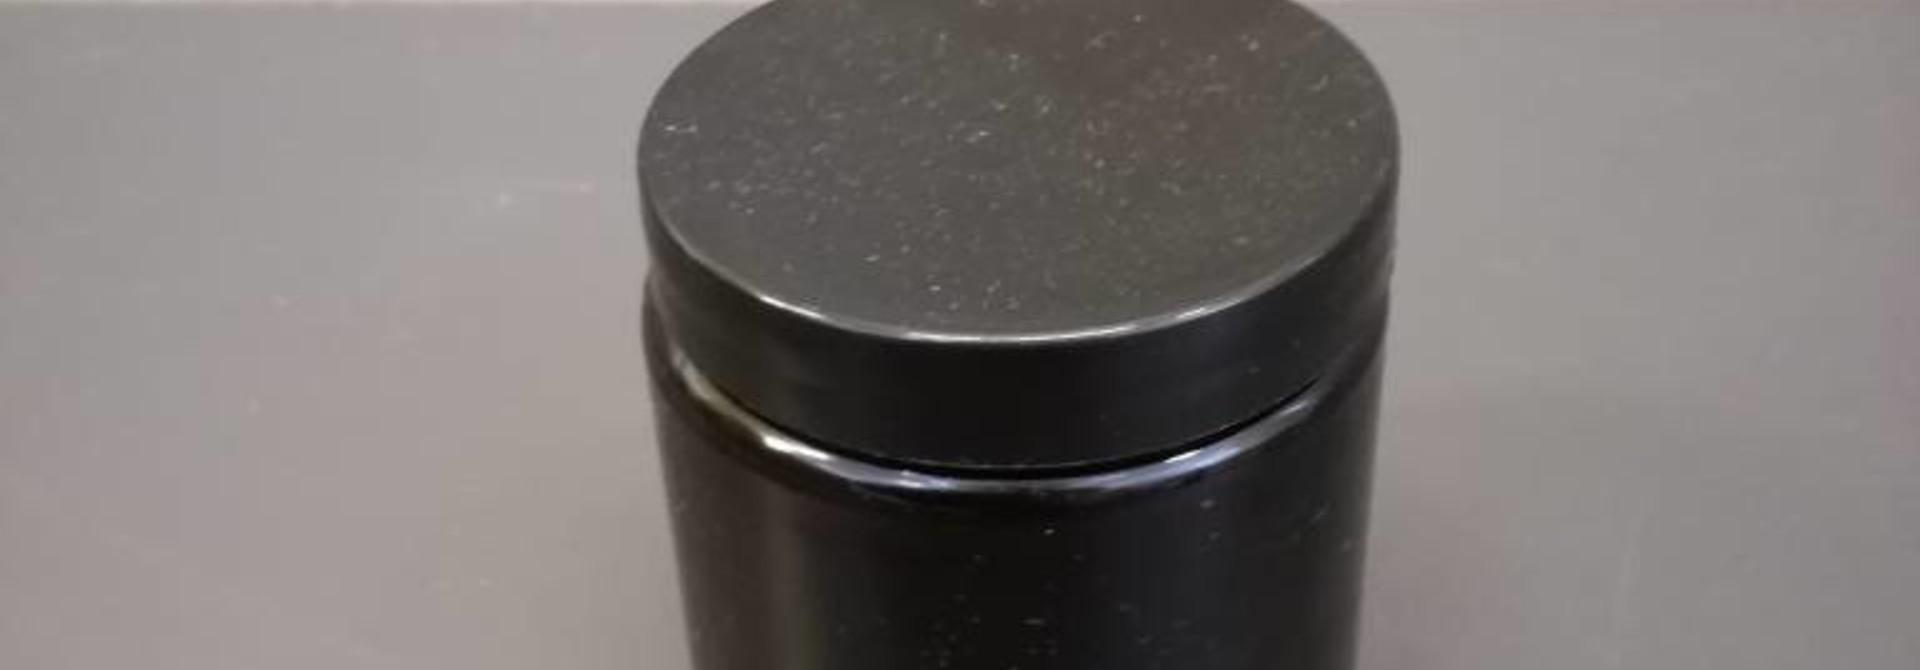 Zalfpot 120 ml - 5 stuks